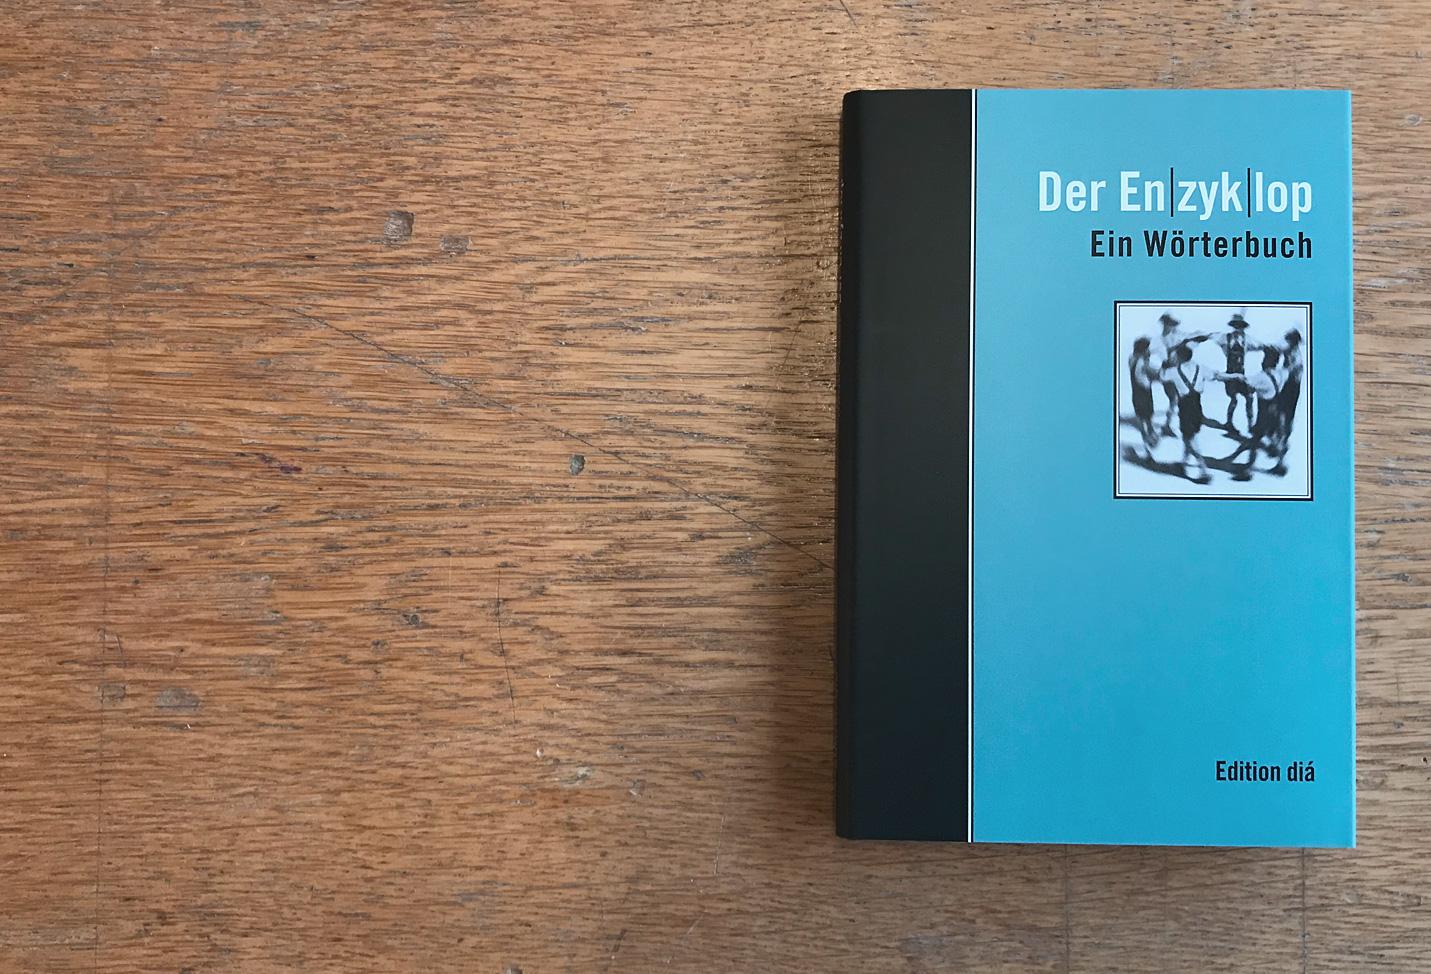 Der Enzyklop. Ein Wörterbuch – René Gisler - Edition dia – 2001 – Berlin